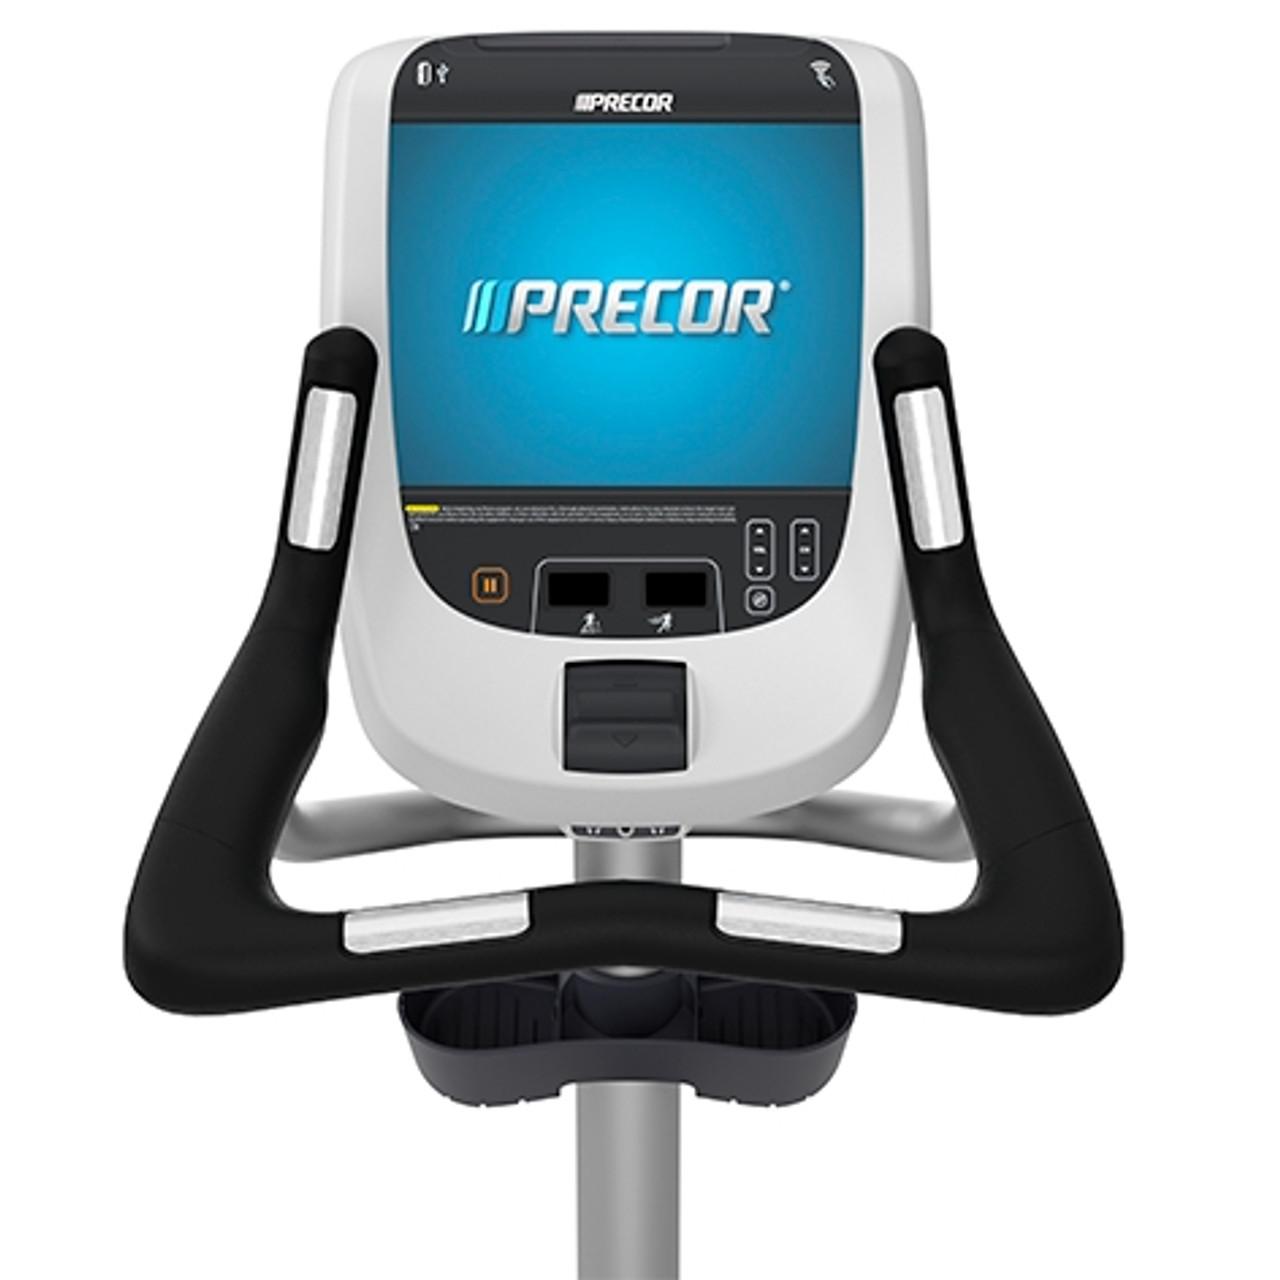 Precor UBK 885 Upright Bike w/P80 Console